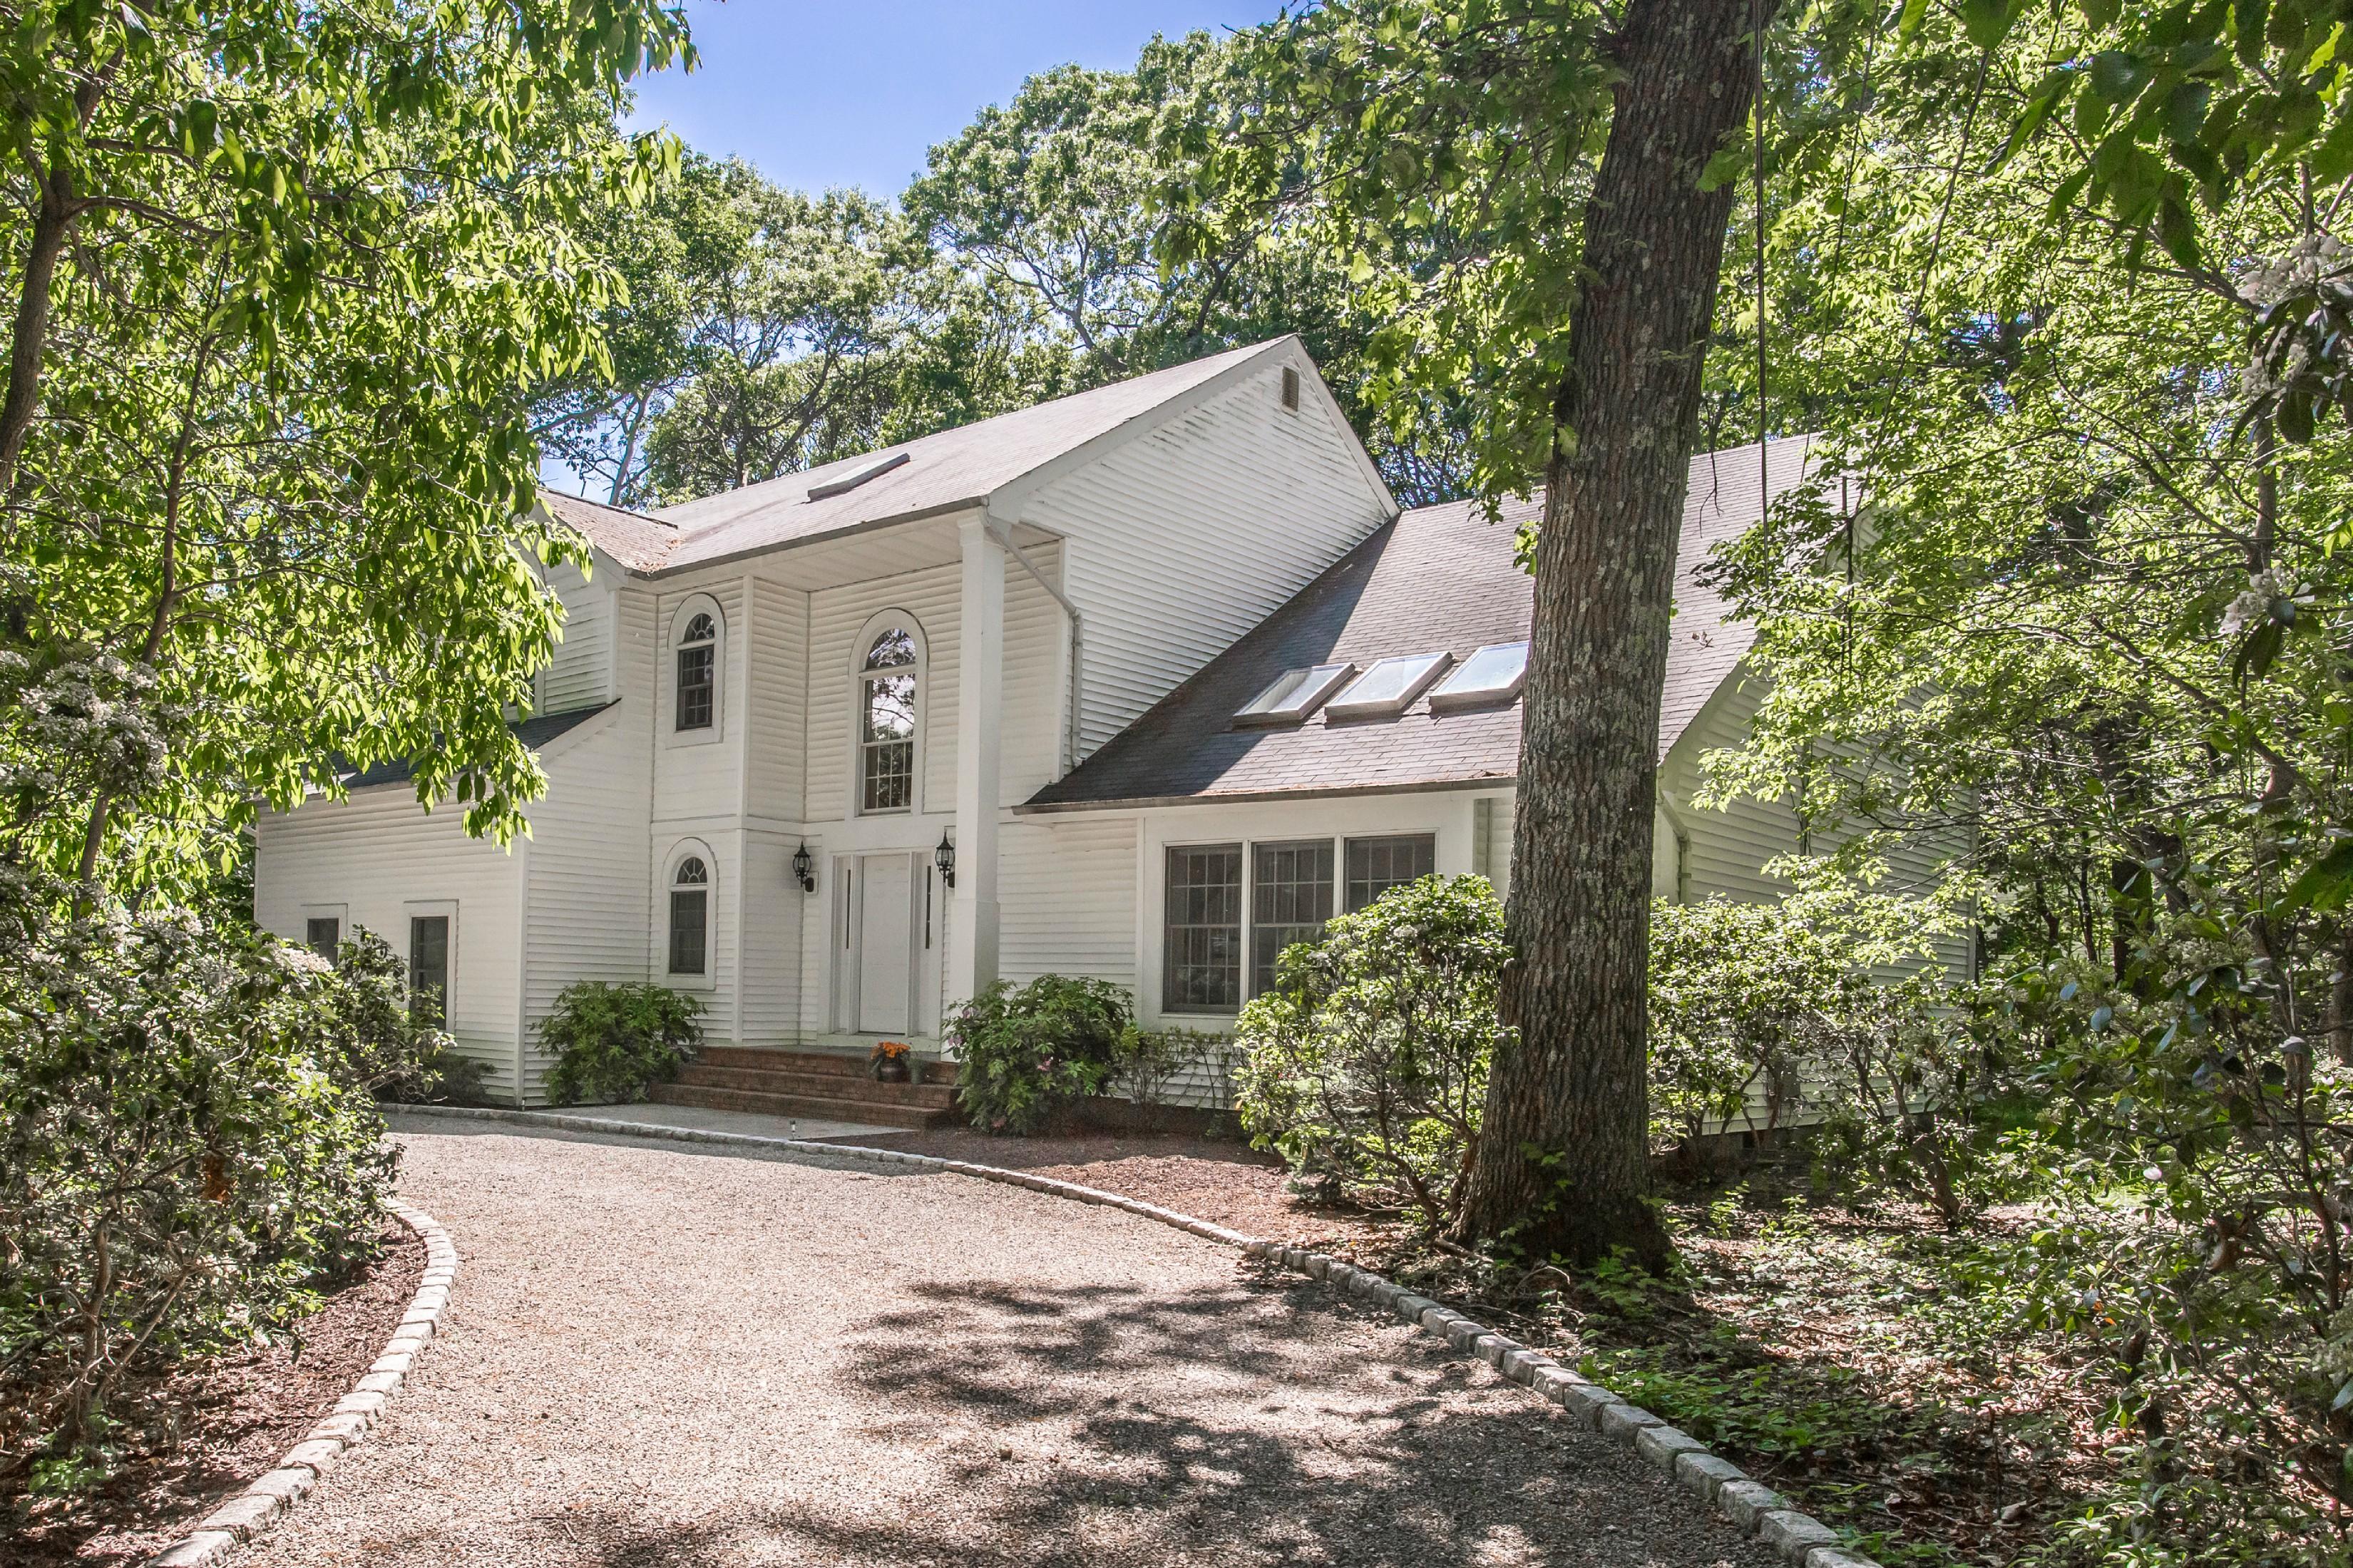 Villa per Vendita alle ore Post Modern 158 Quaker Path Setauket, New York, 11733 Stati Uniti